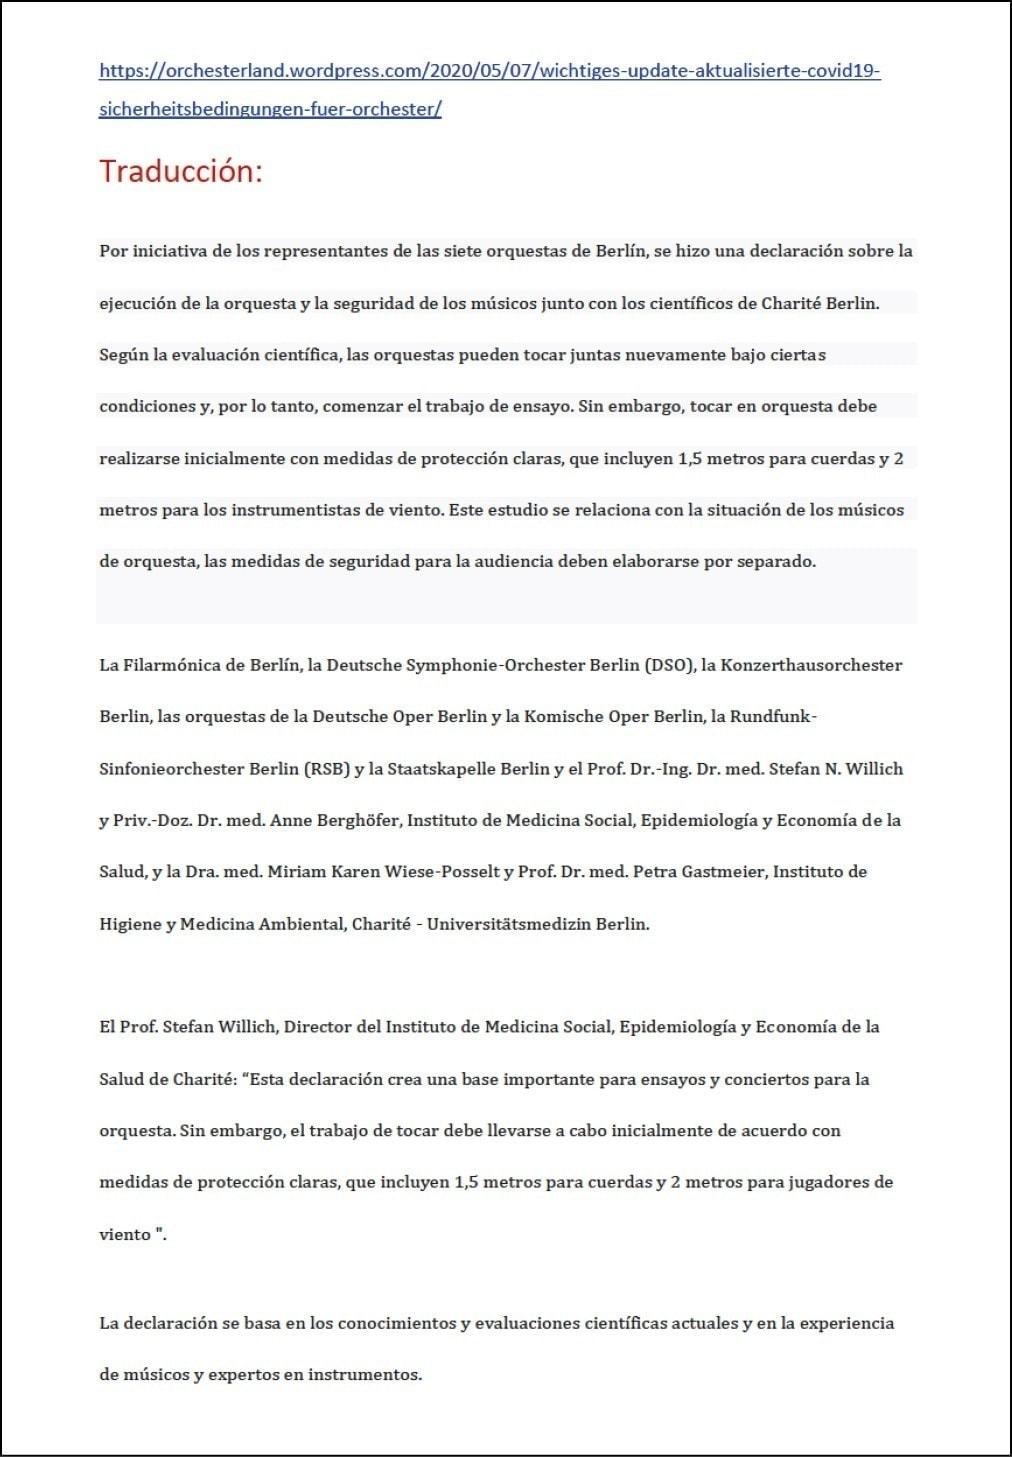 Orquestas y seguridad en la crisis del COVID19: declaración conjunta de siete orquestas de Berlín y el hospital universitario Charité Berlin